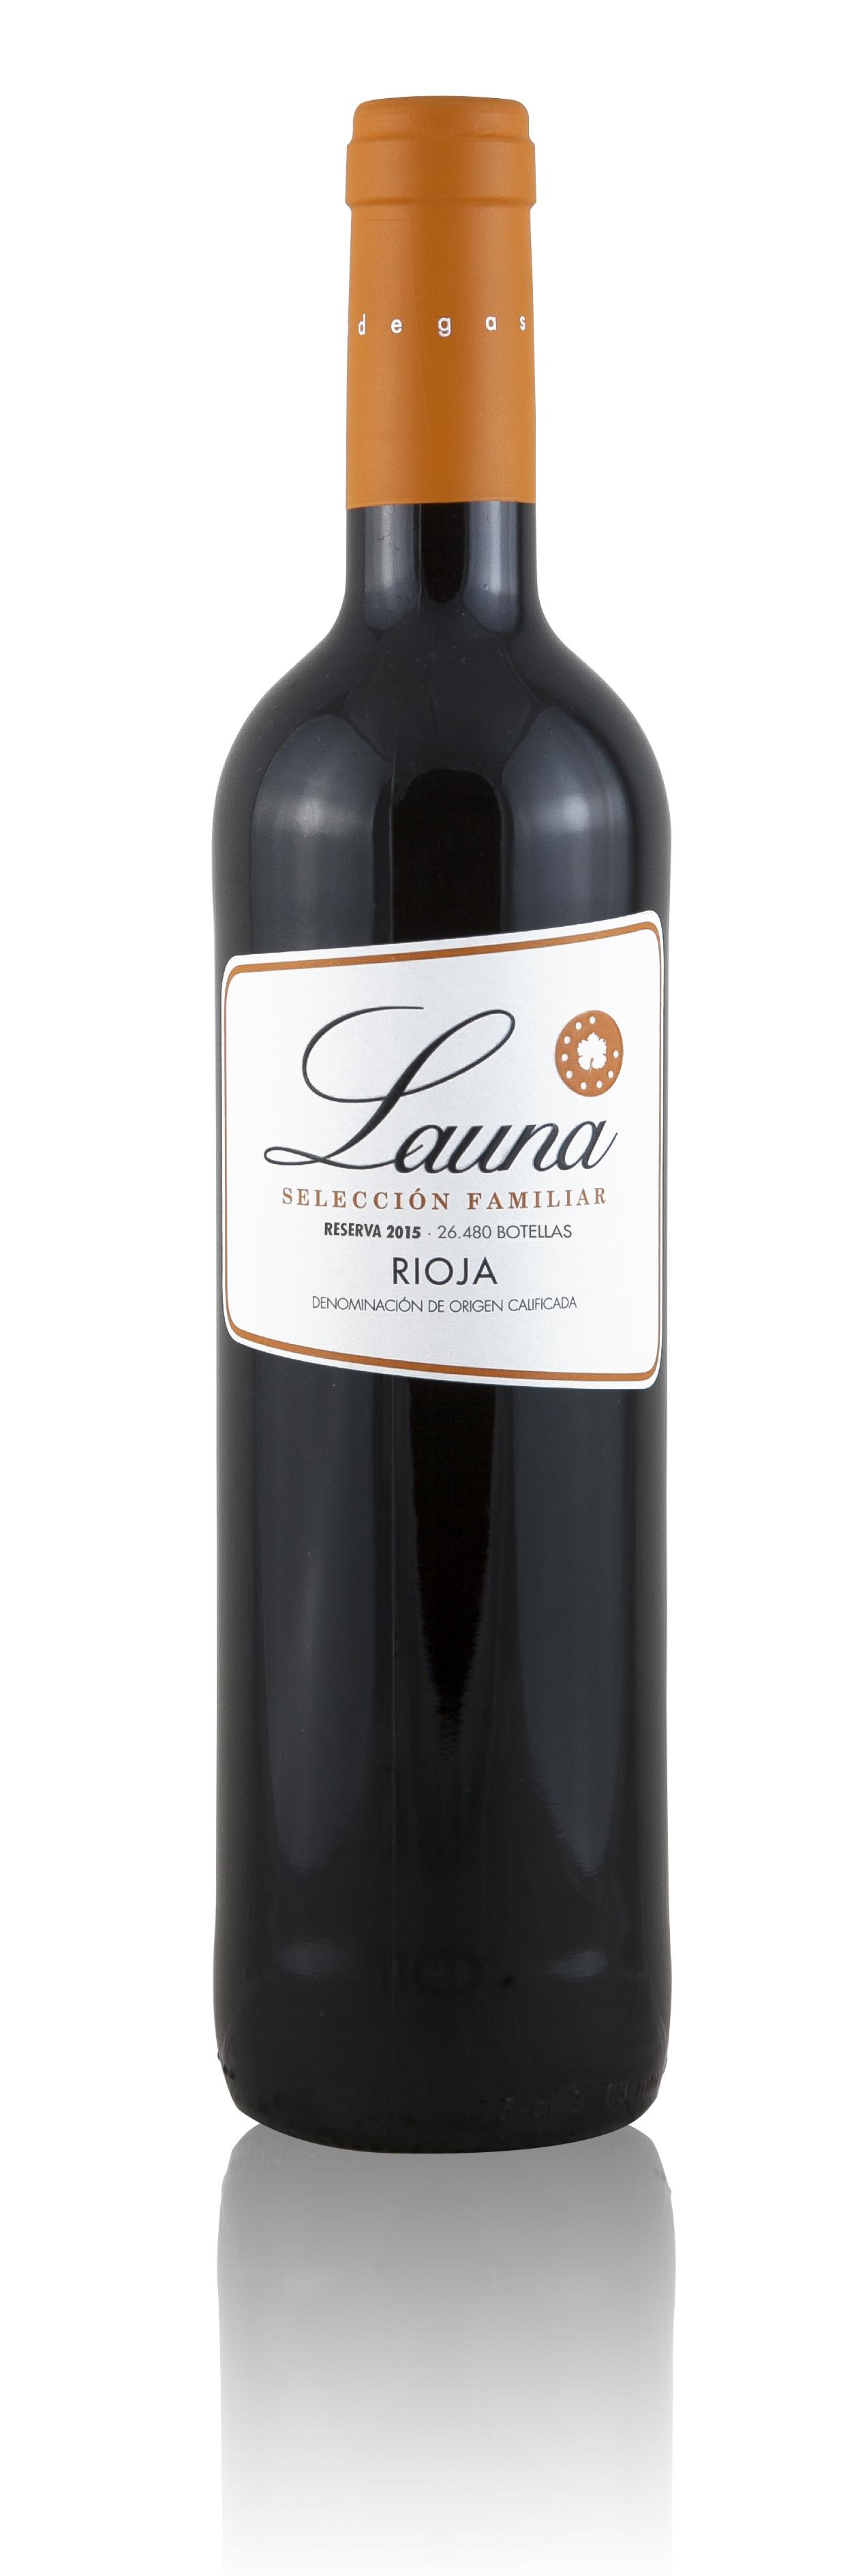 Launa Rioja Reserva